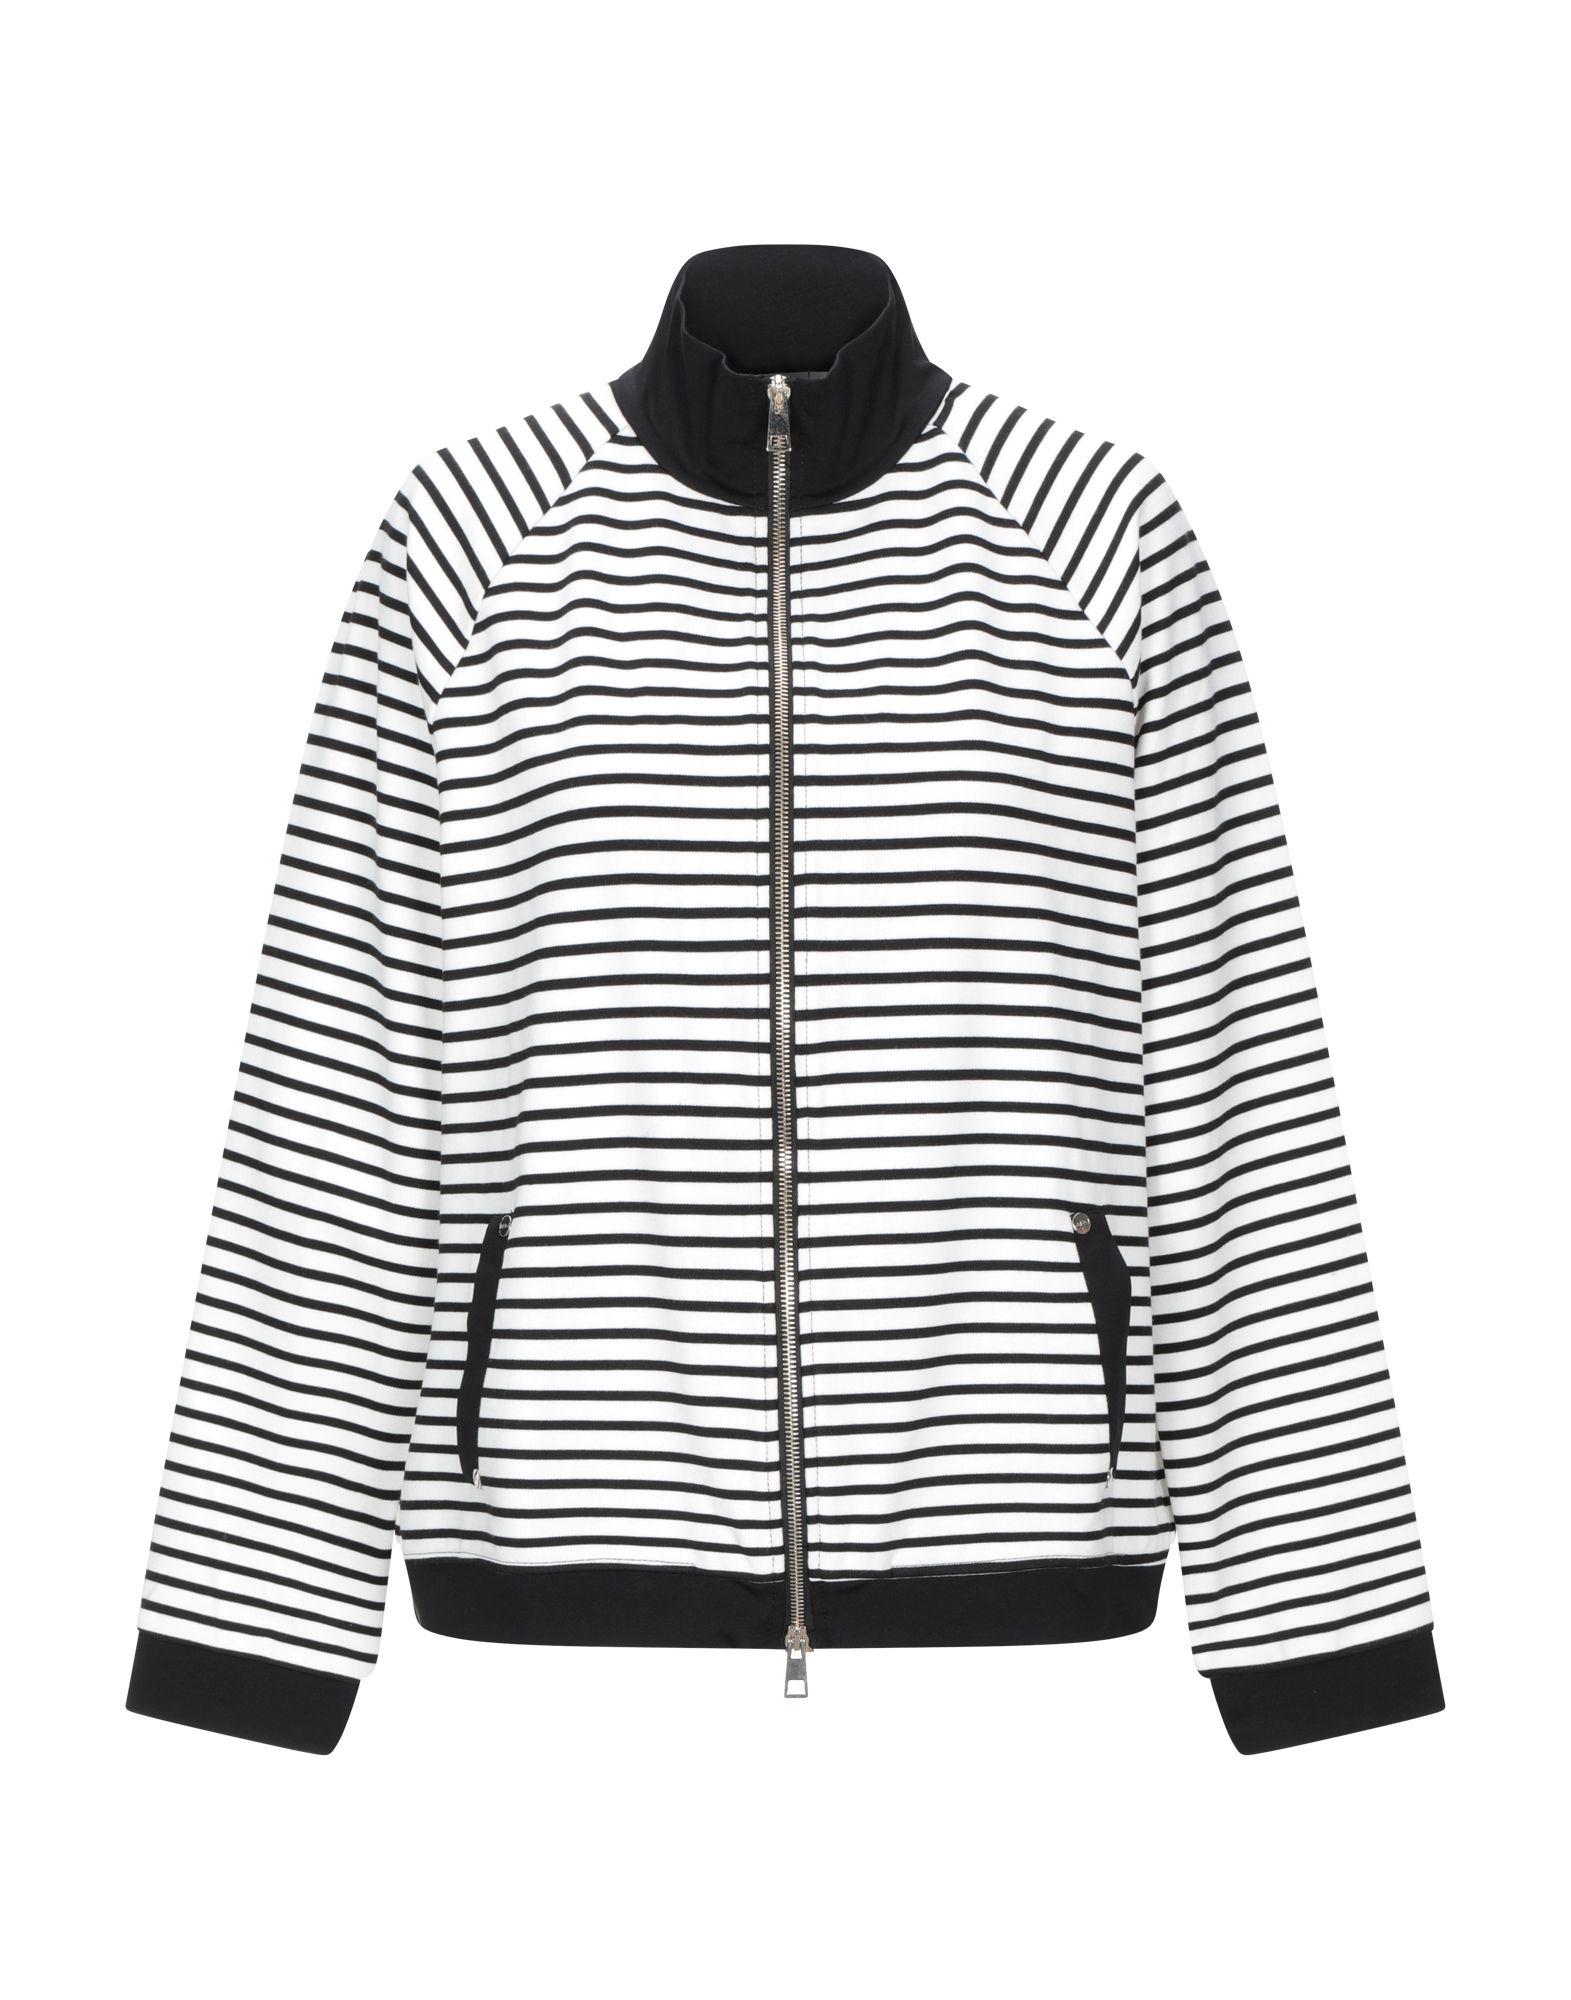 ANNA RACHELE JEANS COLLECTION Damen Sweatshirt Farbe Weiß Größe 6